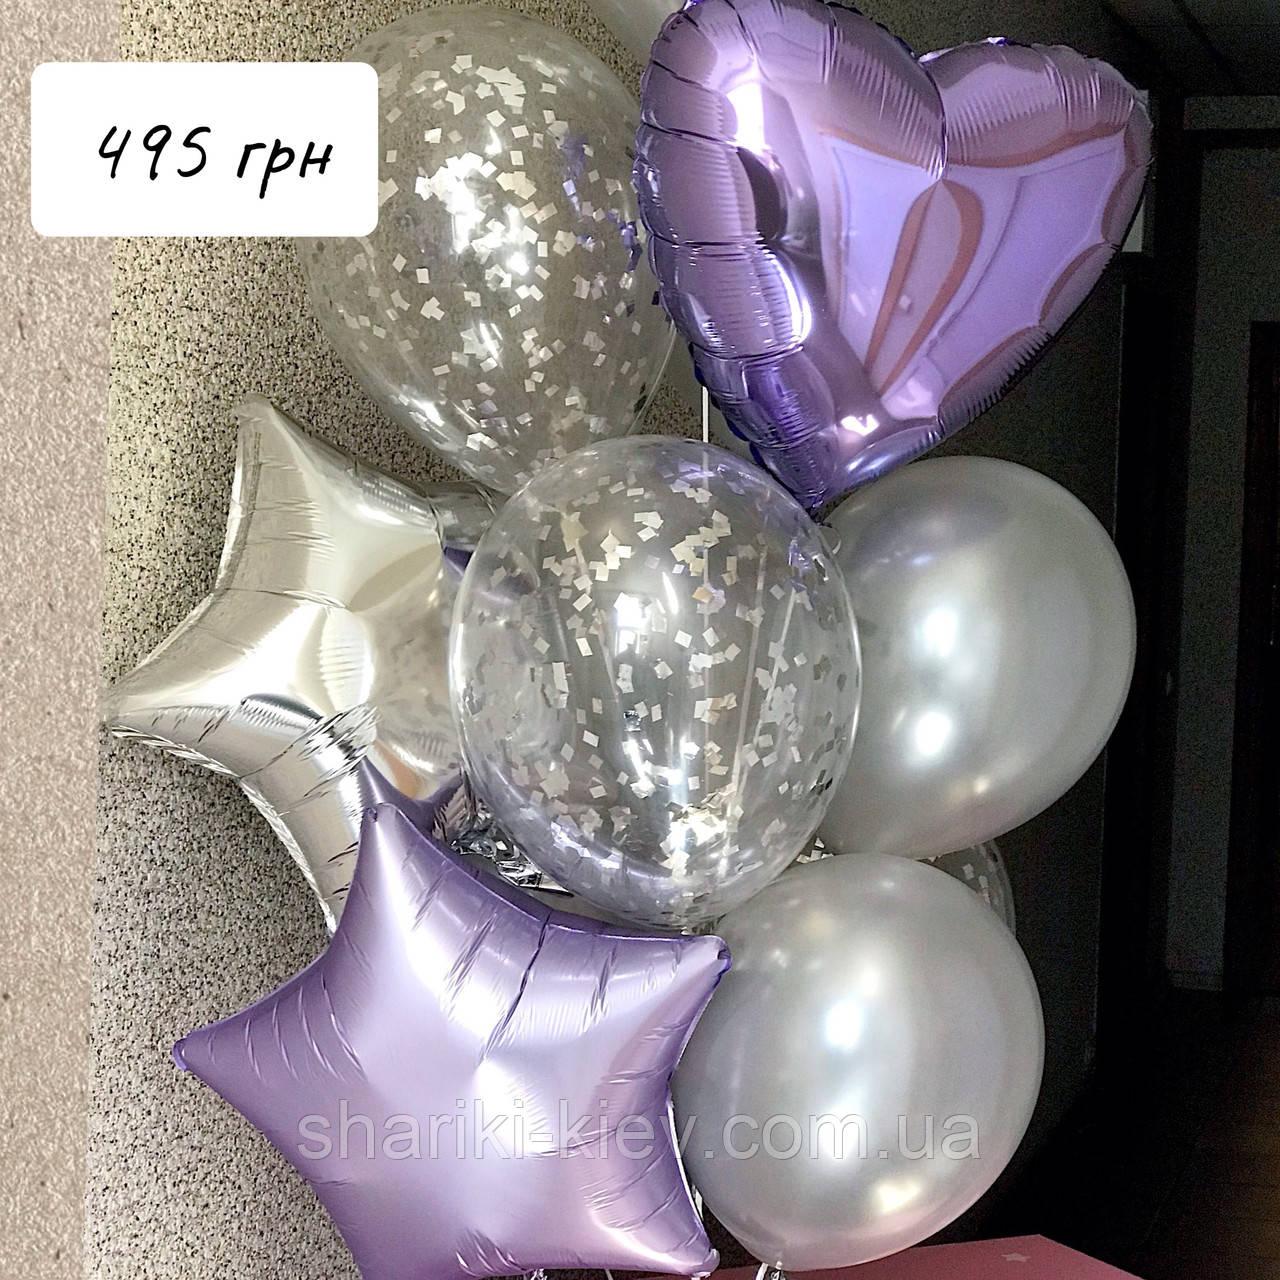 Связка шаров на подарок с латексными и фольгированными шарами в сиреневом цвете